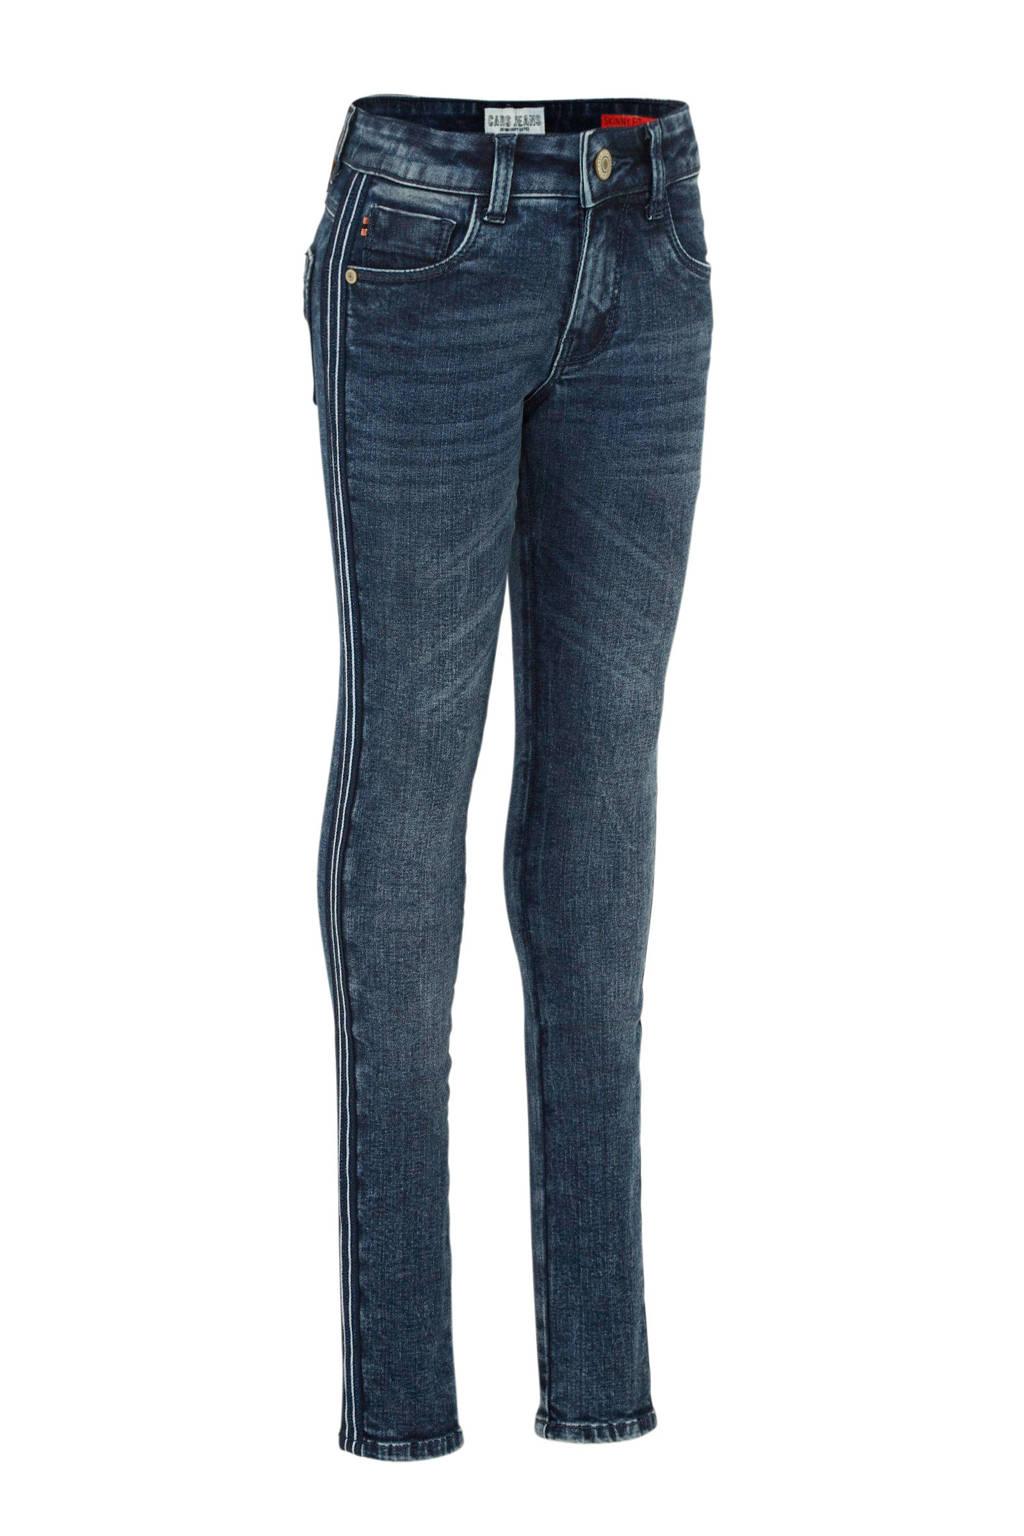 Cars skinny jeans, 03 Dark Used